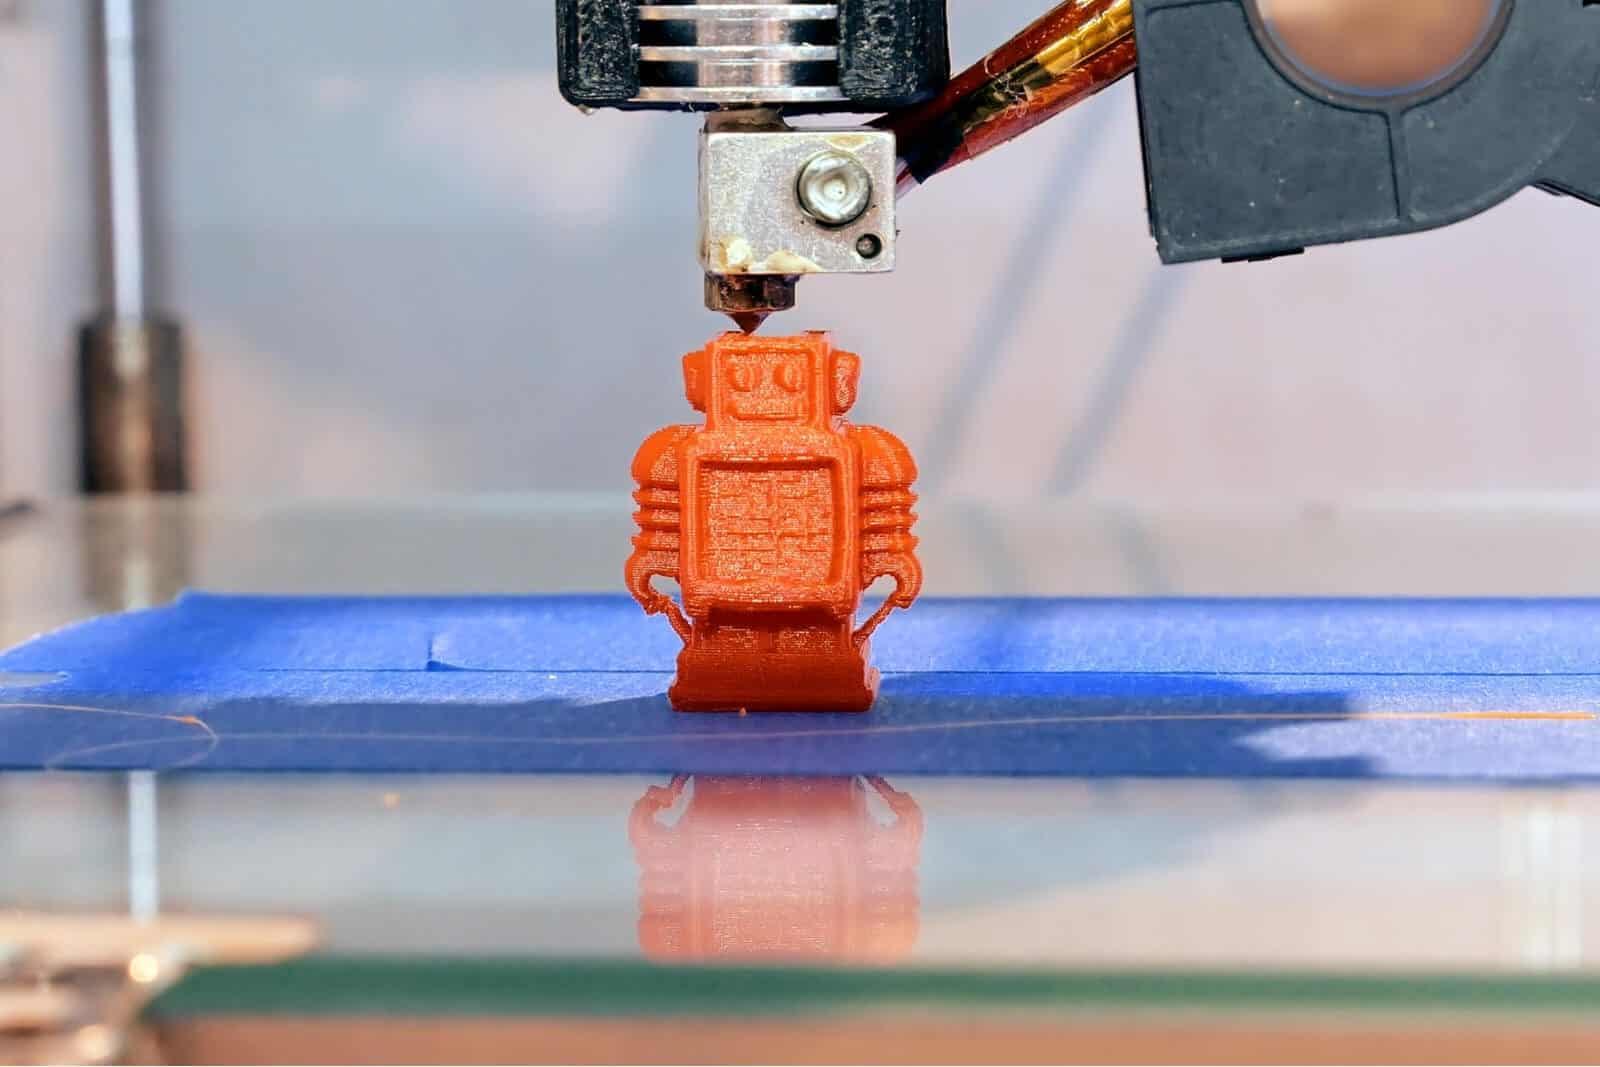 Teknologi Manufaktur Aditif, Bentuk Revolusi Industri 4.0